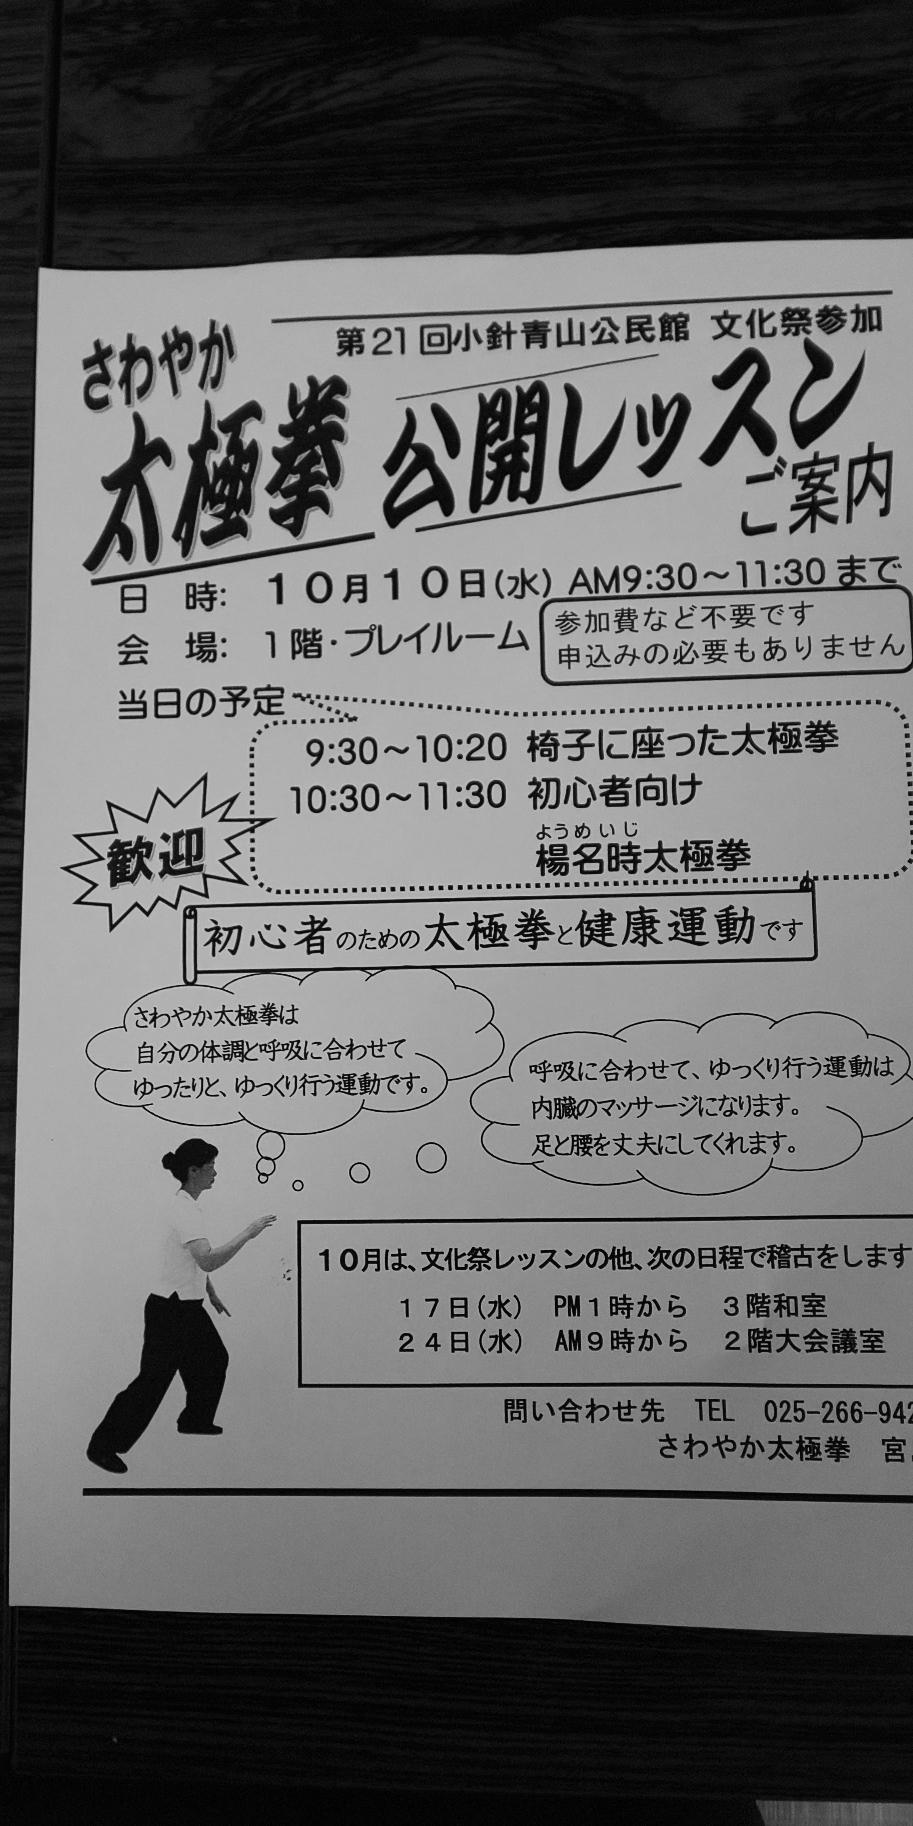 小針青山公民館で公開レッスン!